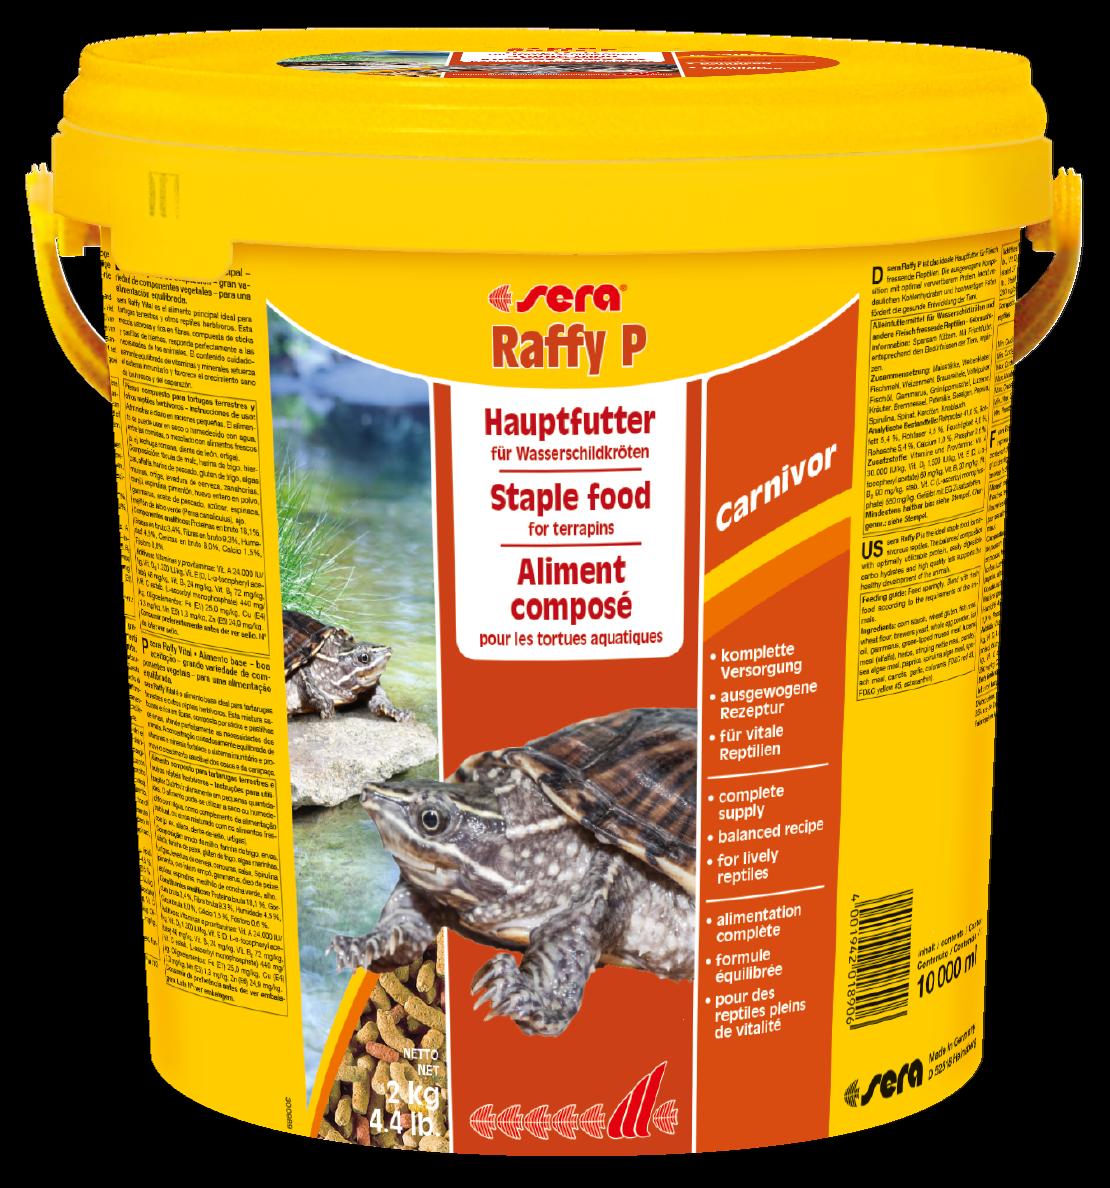 Wasserschildkrötenfutter Sera Raffy P 10 l 10000 ml Reptilien Echsen 24Std.Vers.